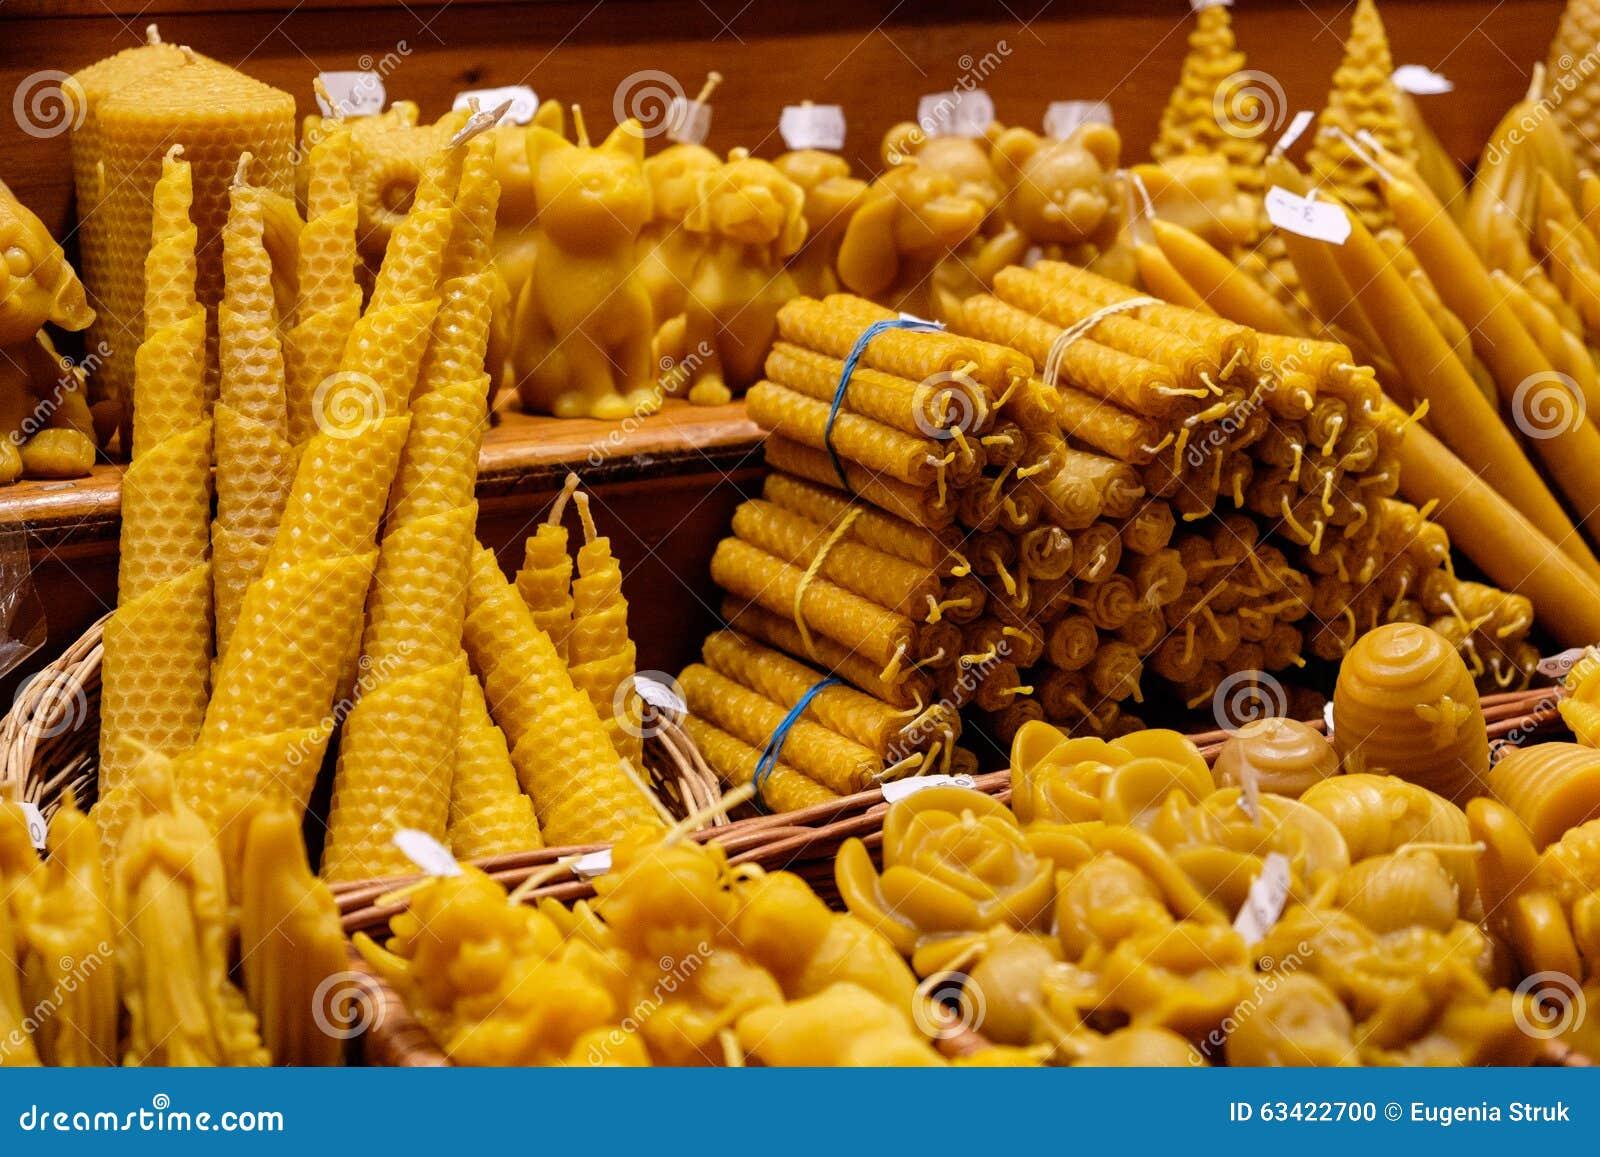 Bougies de miel au march de no l vienne autriche - Marche de noel vienne ...